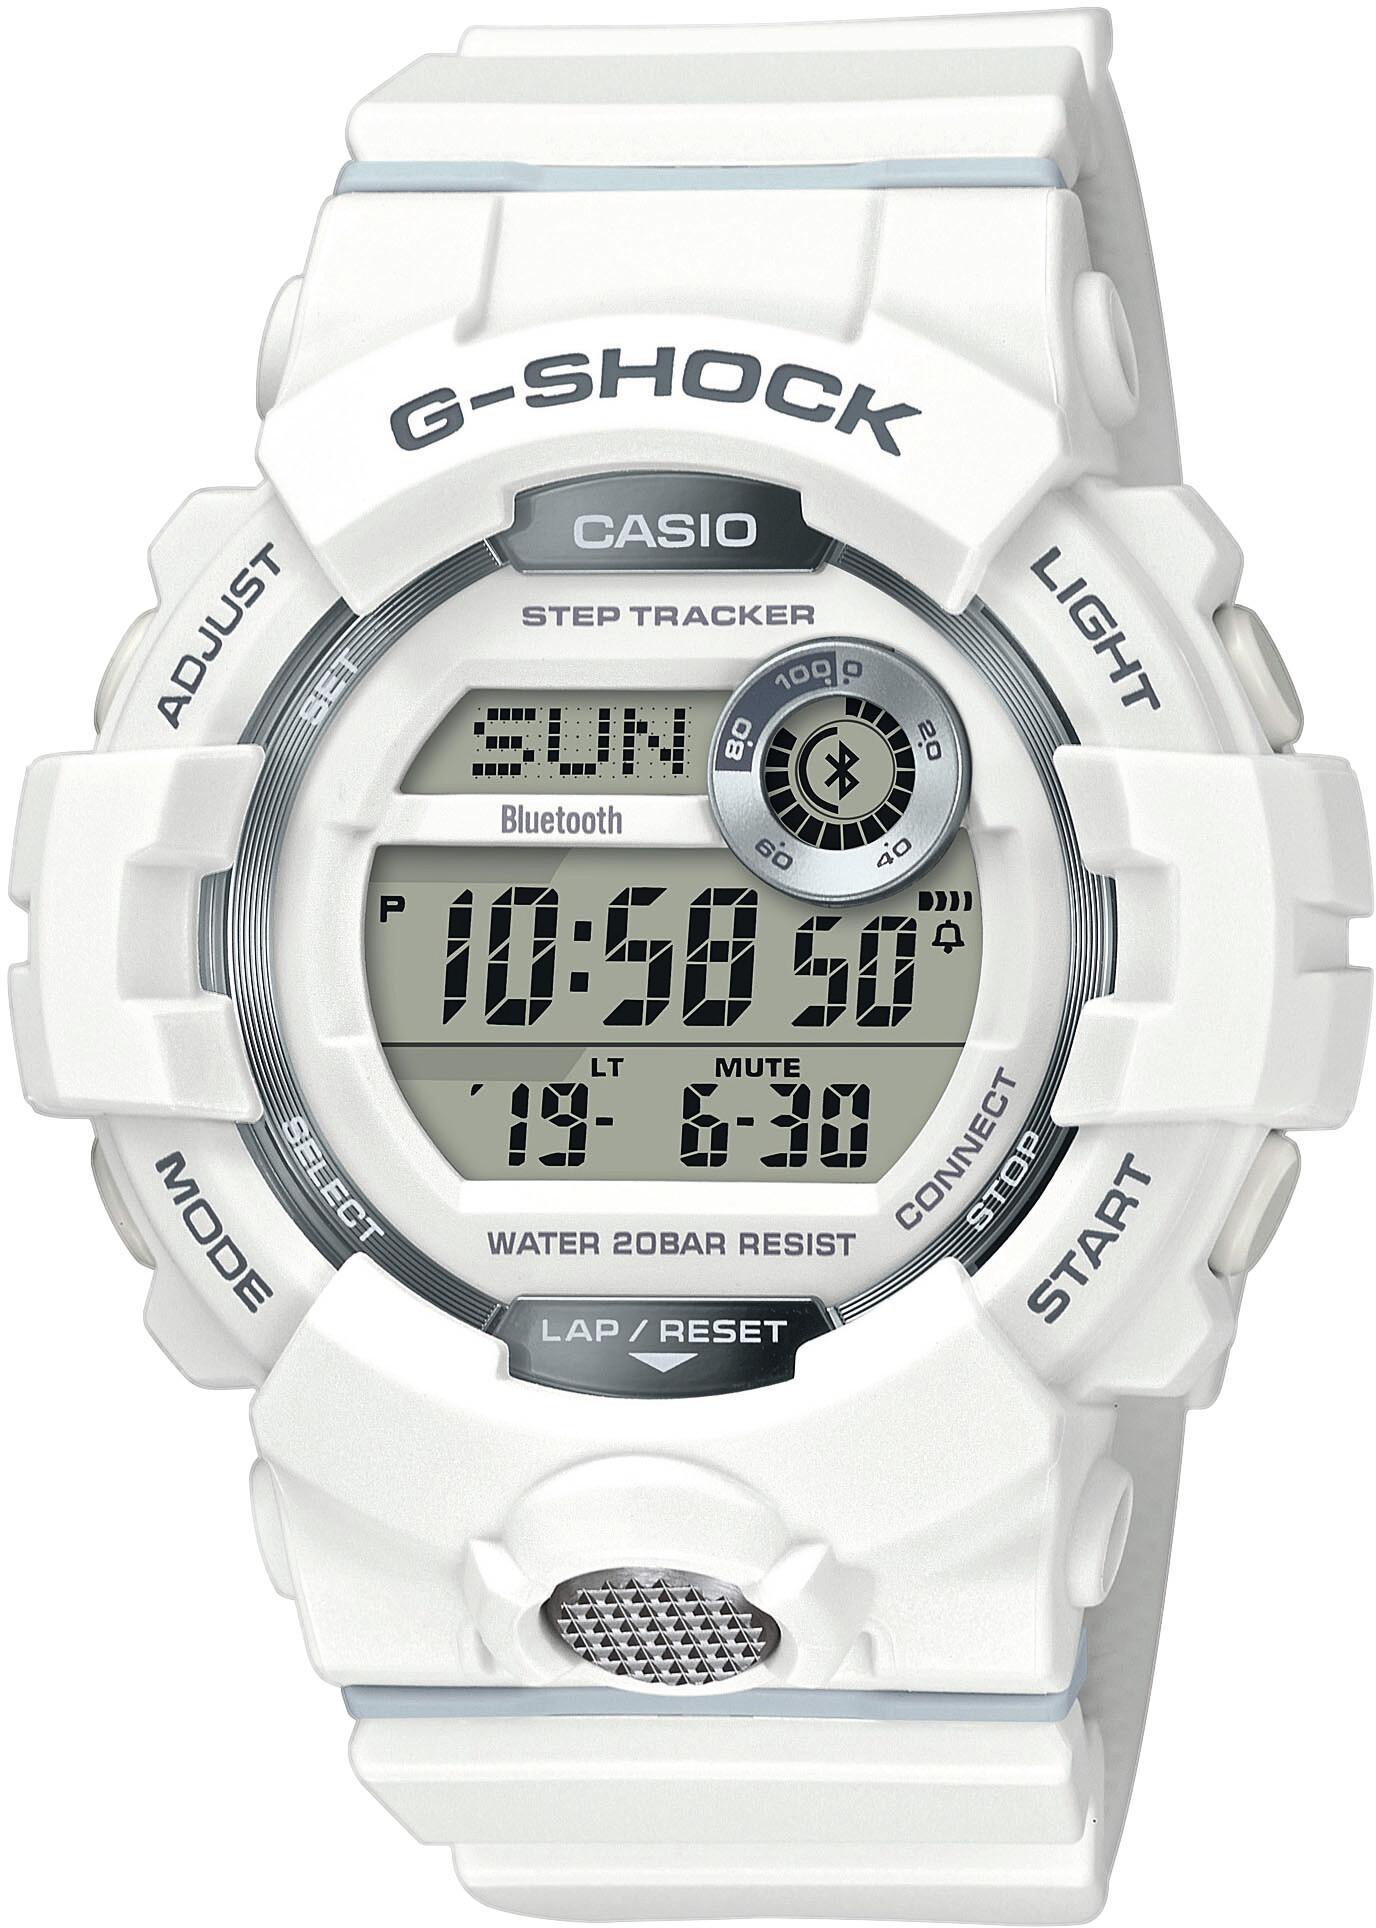 CASIO G-SHOCK GBD-800-7ER Ur Herrer, white/white/grey (2019)   Sports watches